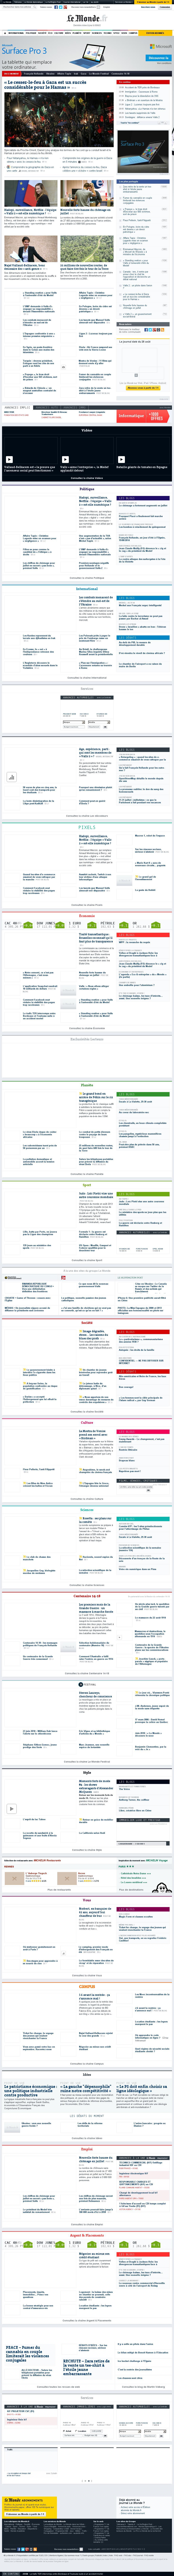 Le Monde at Wednesday Aug. 27, 2014, 10:10 p.m. UTC